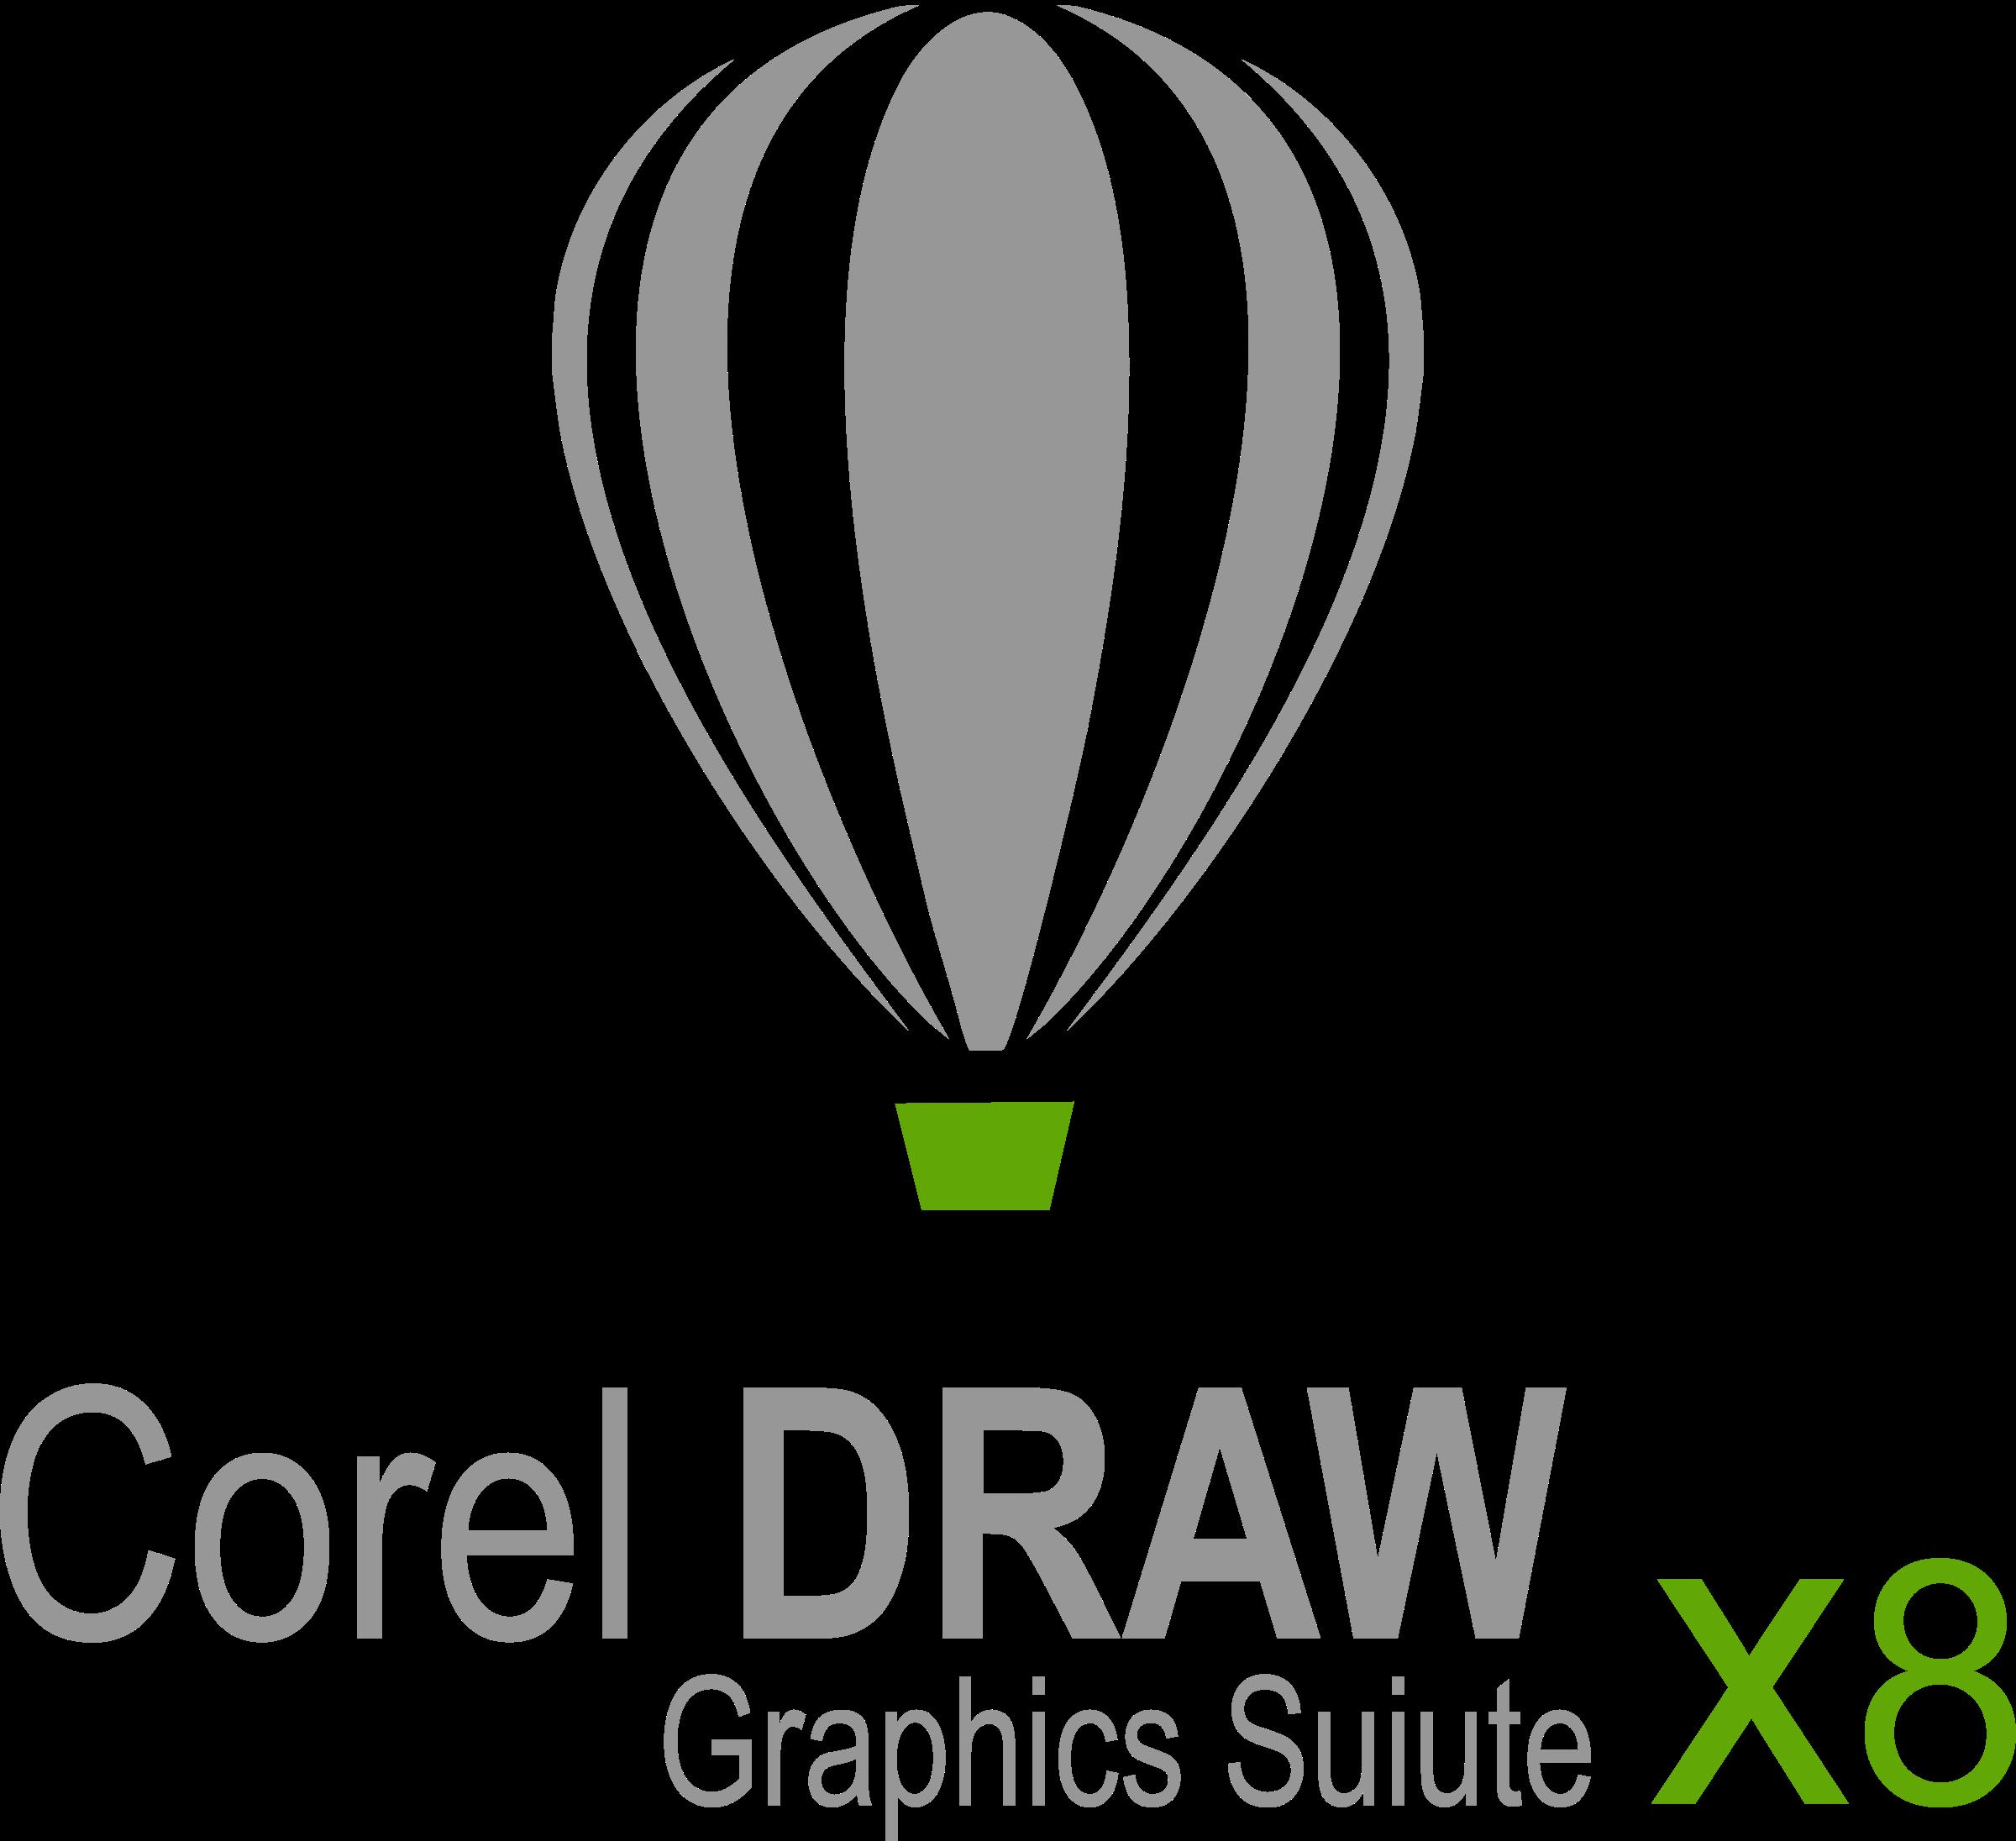 Corel DRAW X8 Logo PNG Transparent & SVG Vector.